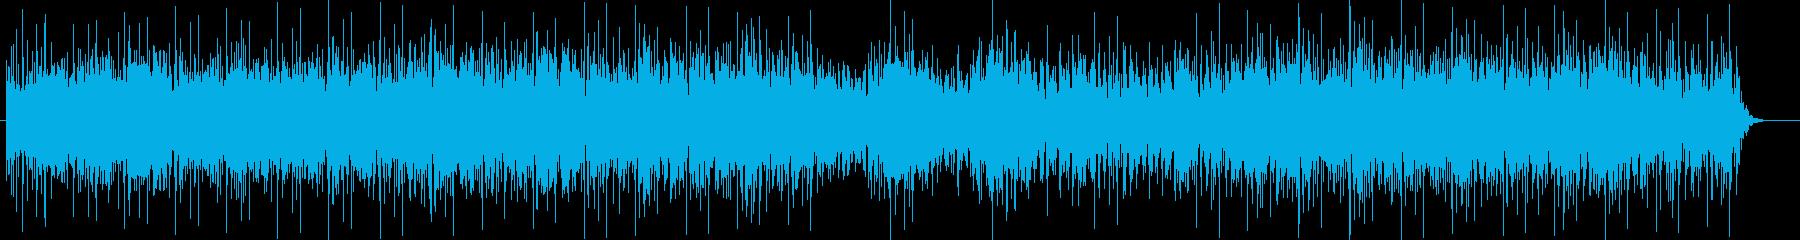 ワクワク感と宇宙感のシンセテクノの再生済みの波形